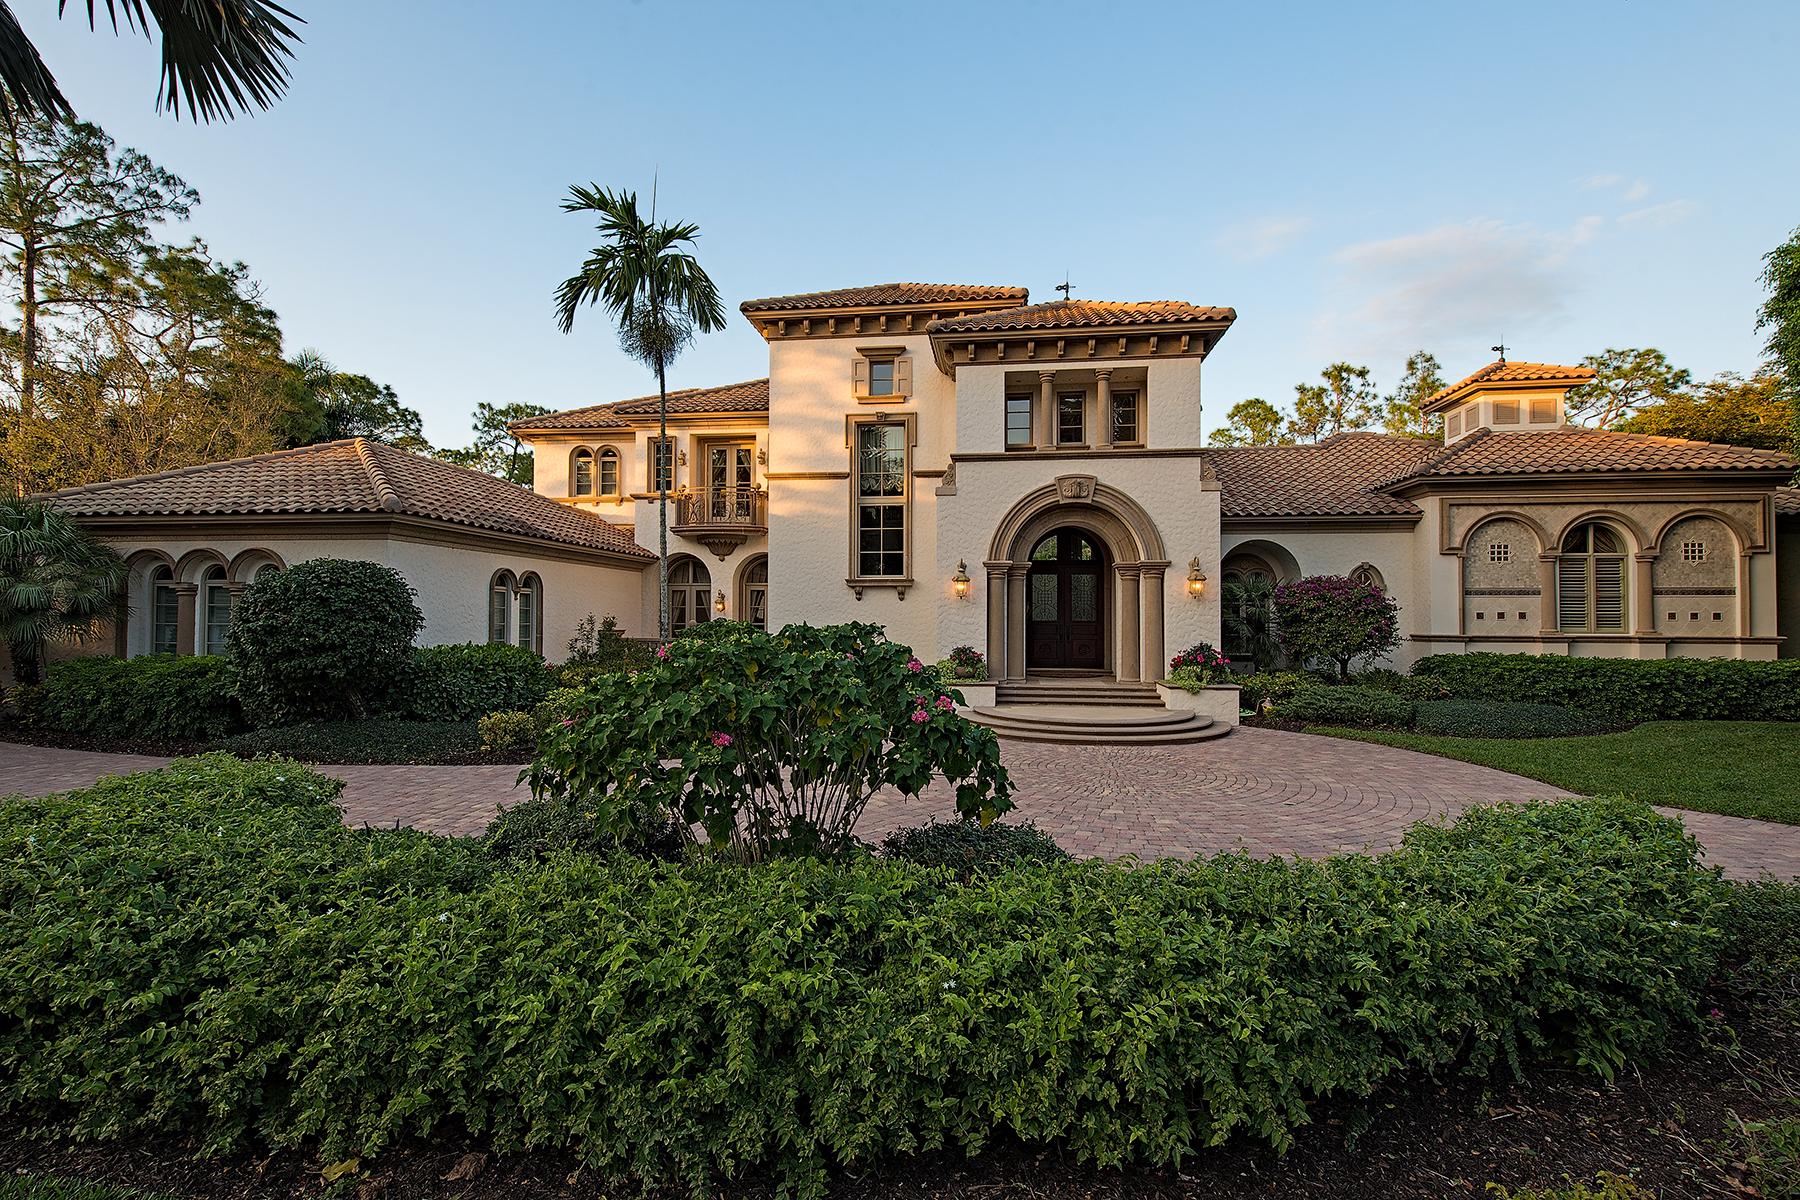 独户住宅 为 出租 在 QUAIL WEST - QUAIL WEST 6529 Highcroft Dr 那不勒斯, 佛罗里达州 34119 美国